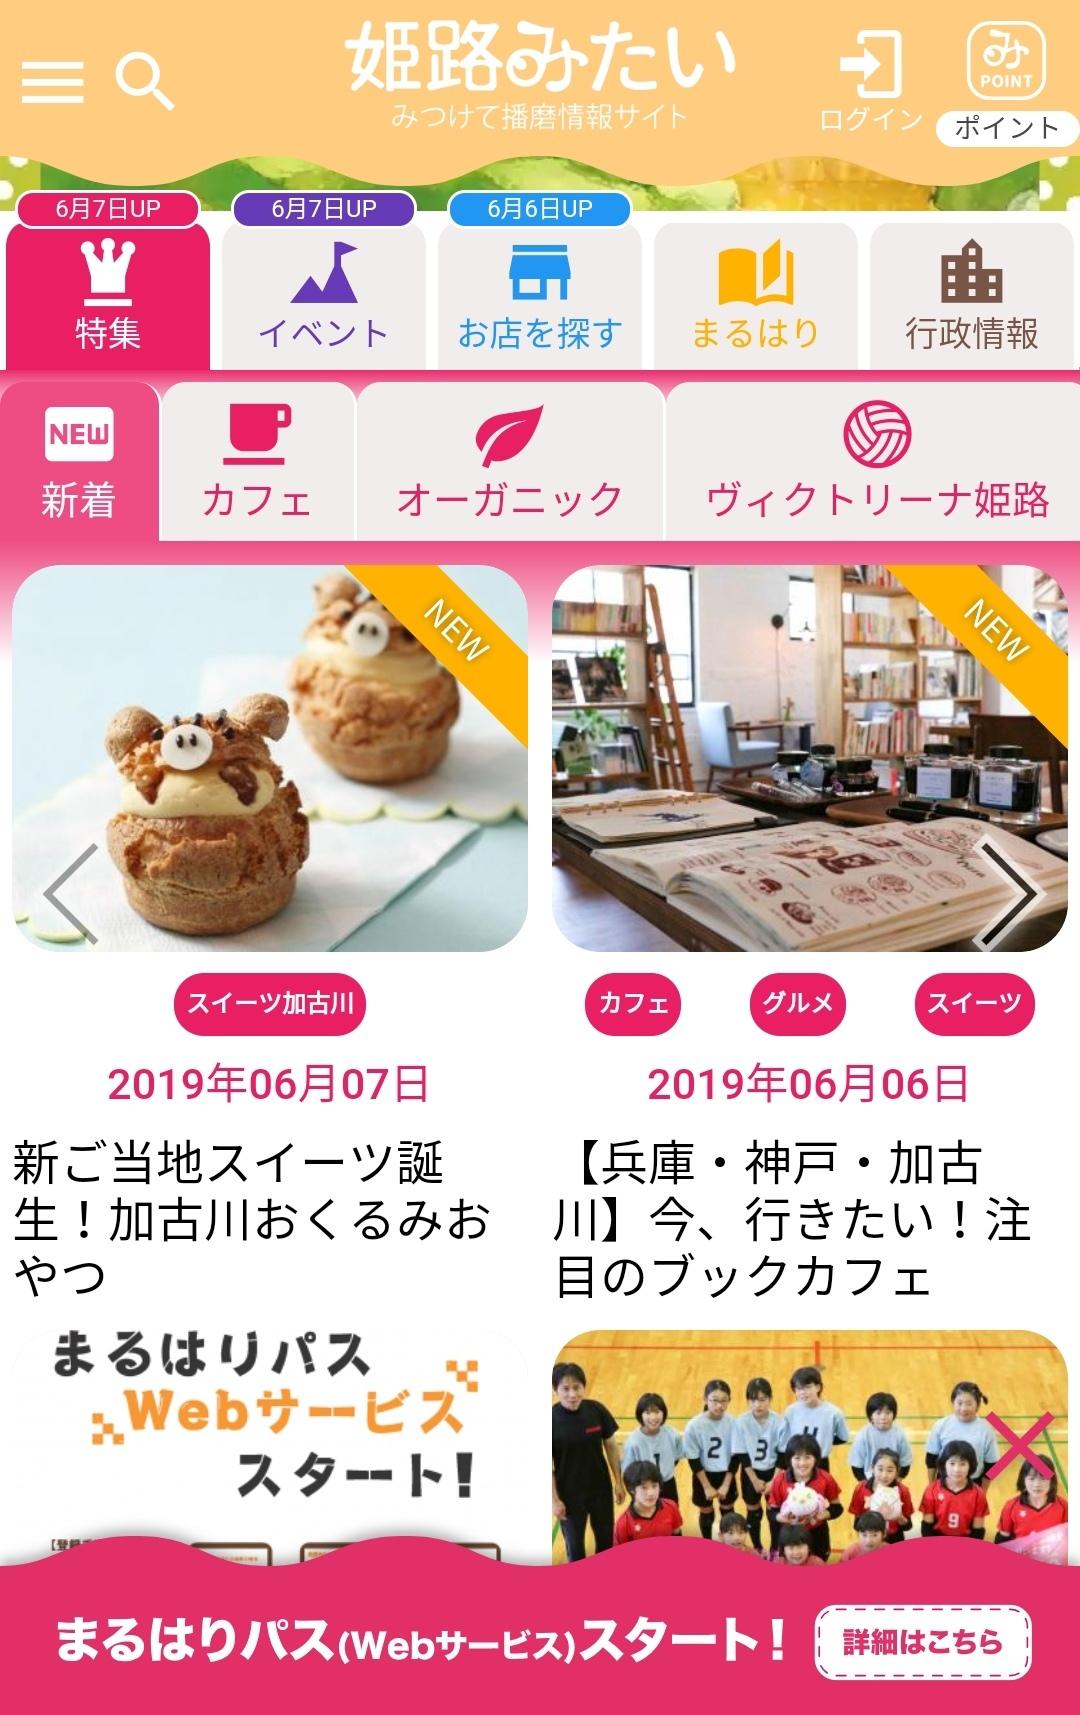 """""""姫路みたい""""さんに。_a0111166_18530266.jpg"""